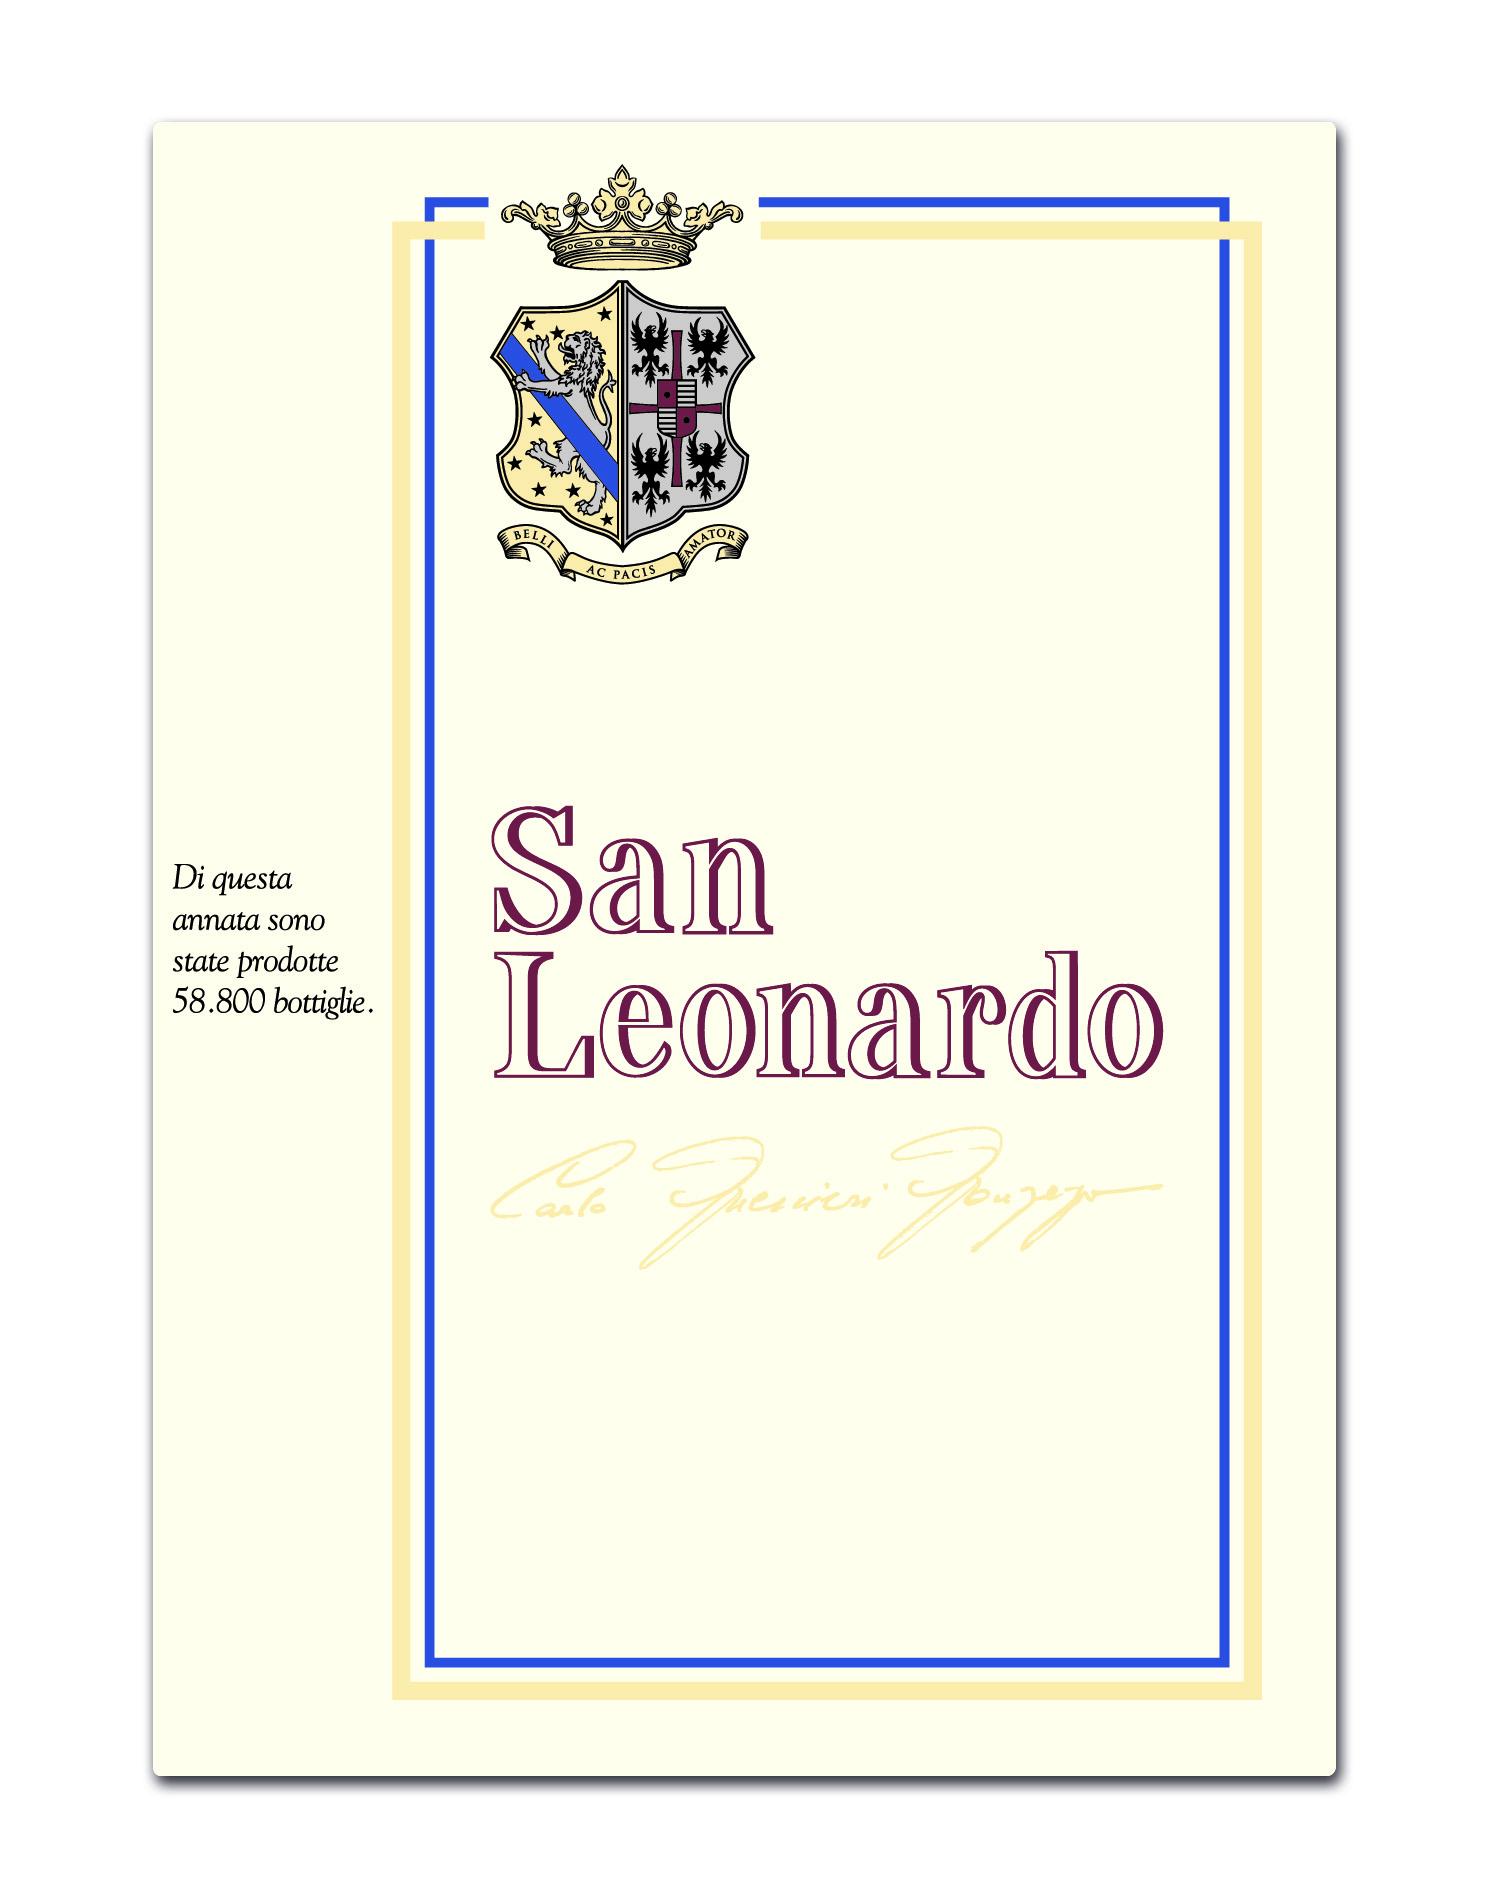 San Leonardo  - label